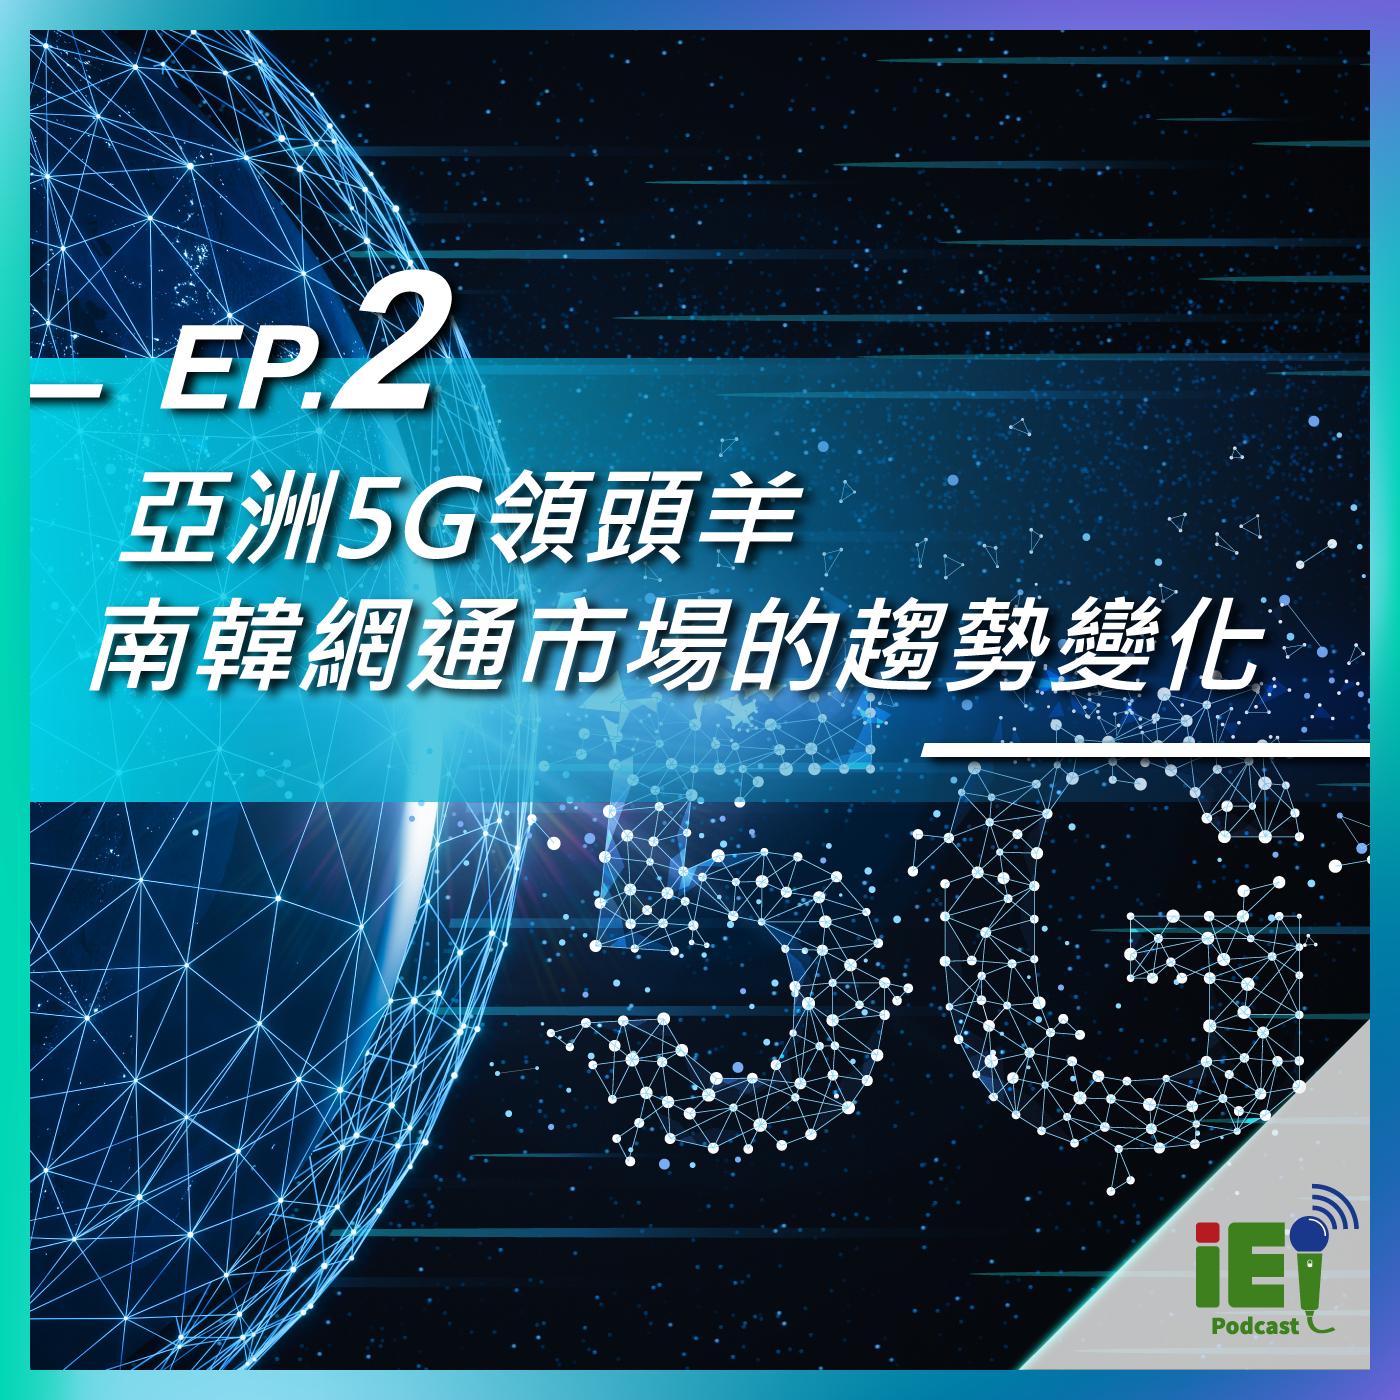 亞洲5G領頭羊- 南韓網通市場的趨勢變化